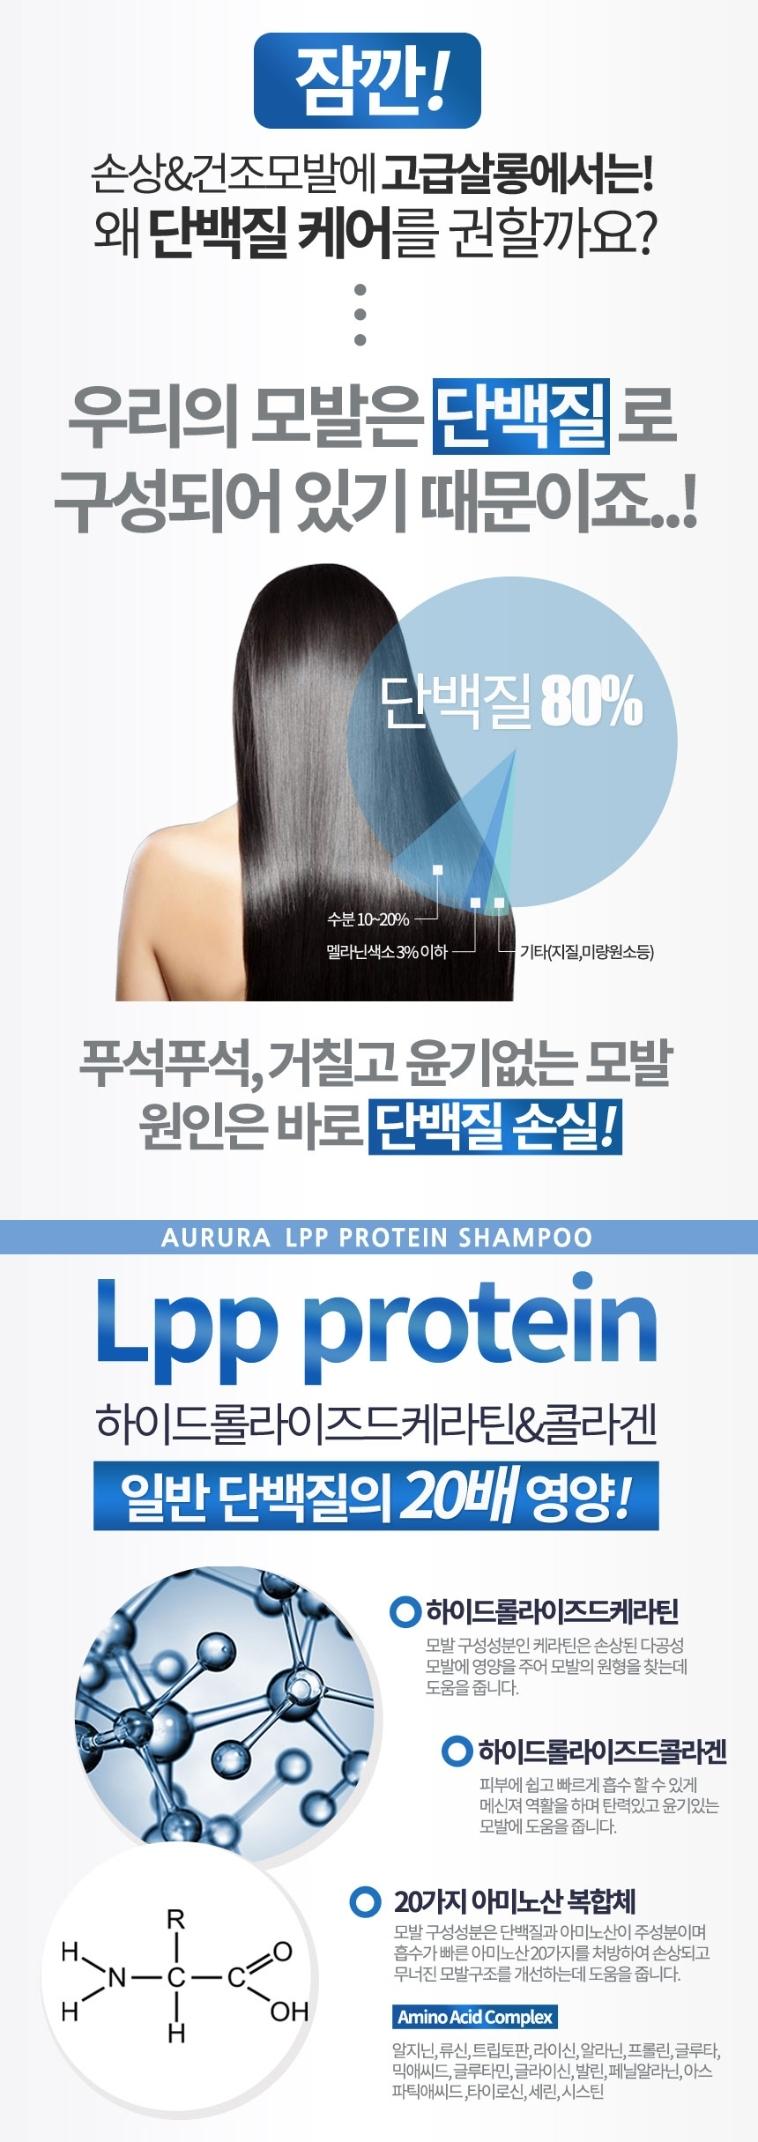 오로라 LPP 프로테인 샴푸 1000ml - 오로라, 11,700원, 헤어케어, 샴푸/린스